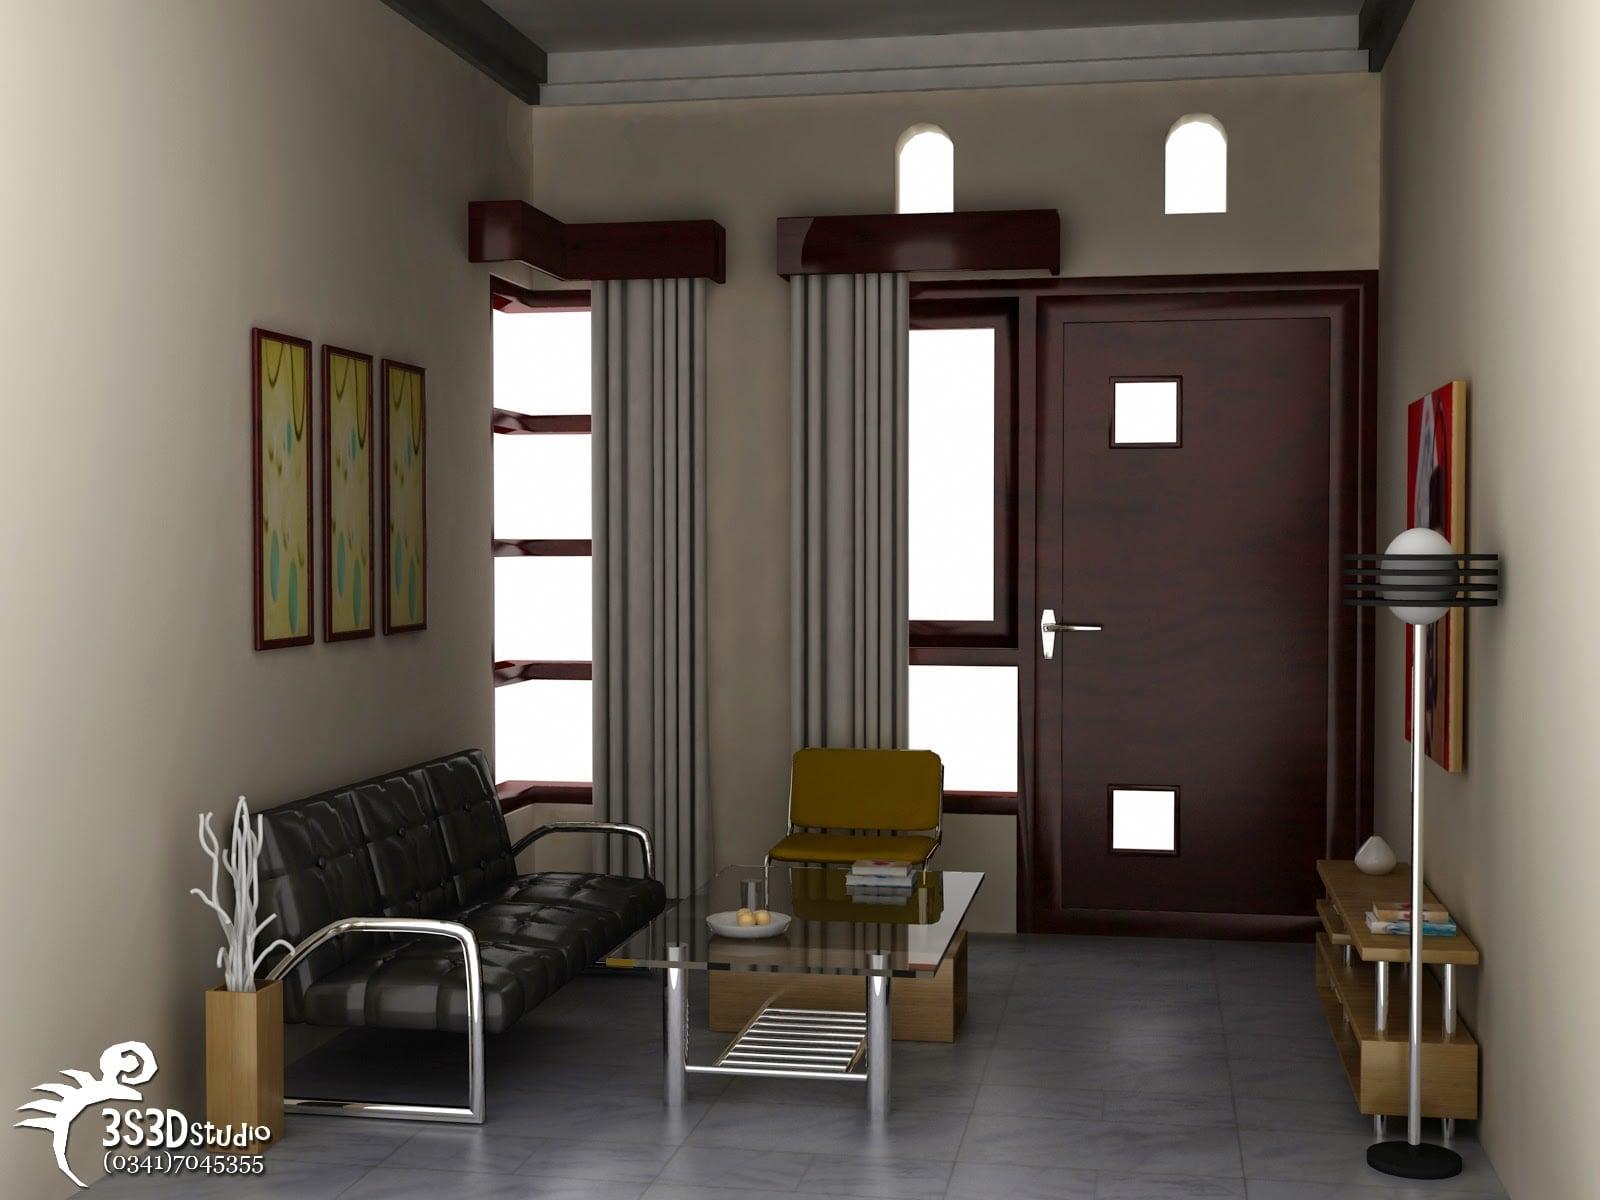 Hebat Desain Interior Rumah Type 36 60 74 Untuk Dekorasi Interior Rumah oleh Desain Interior Rumah Type 36 60